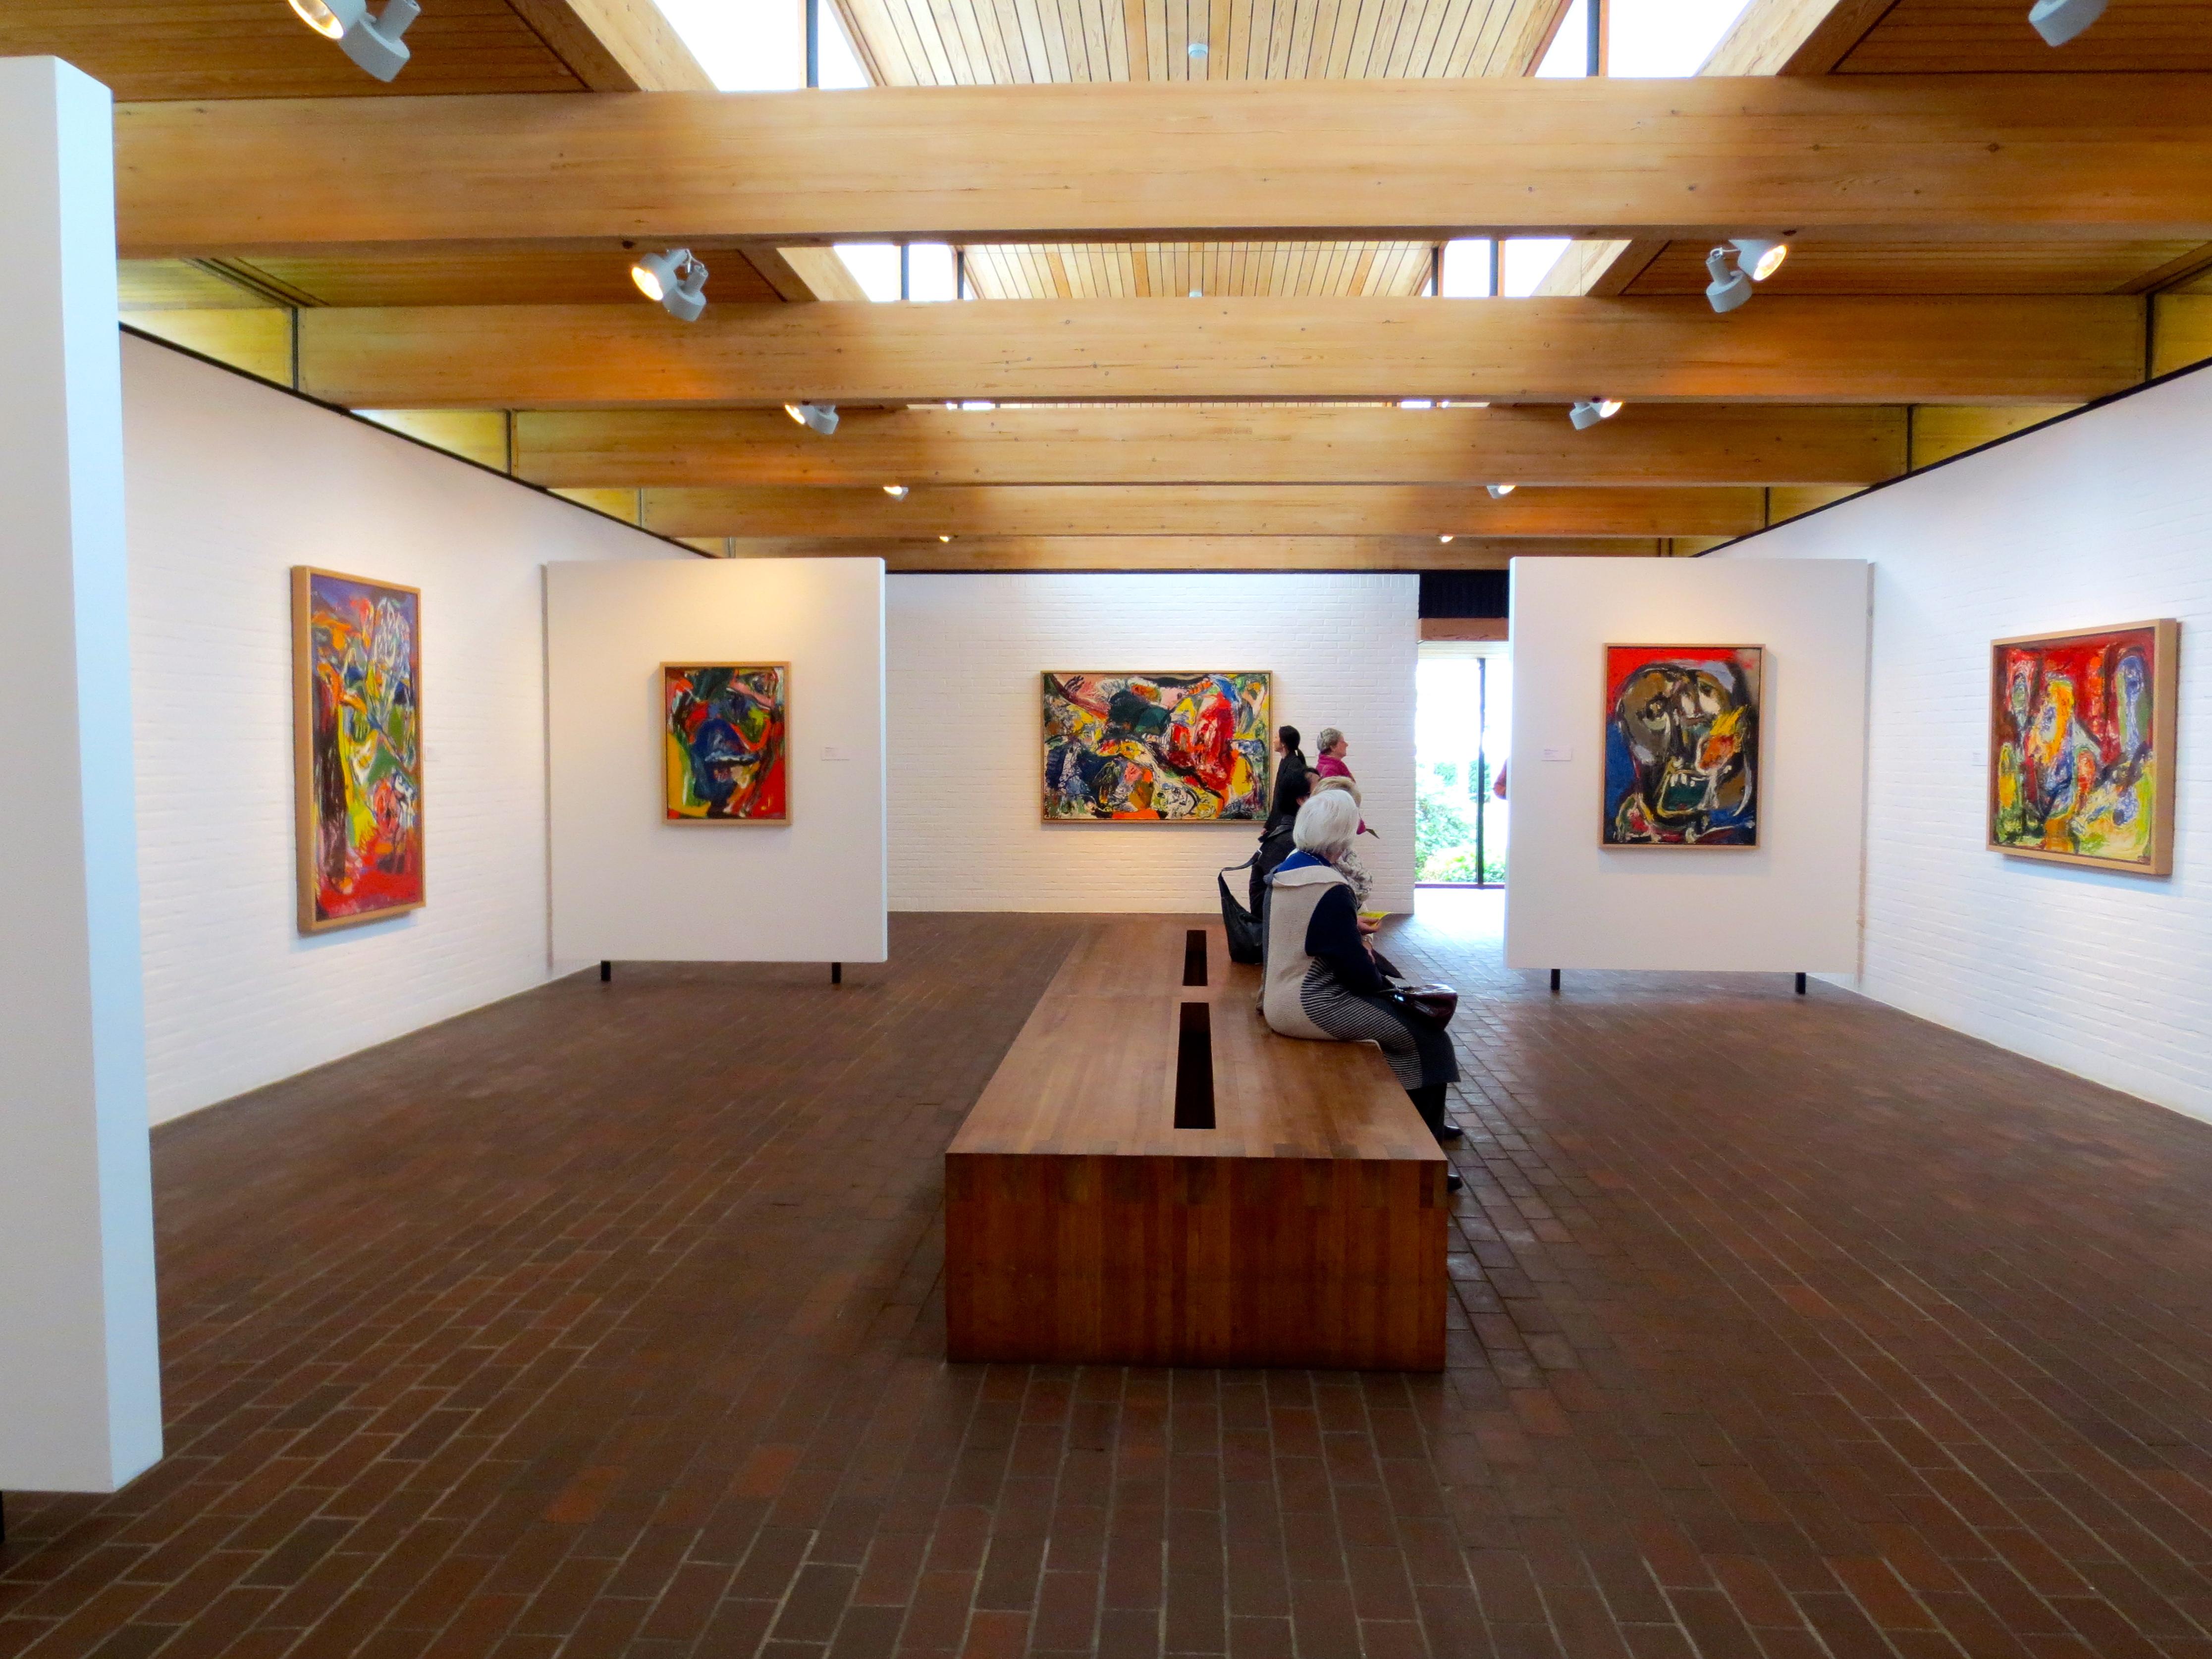 The Louisiana Museum Of Modern Art Denmark Where Is Yvette